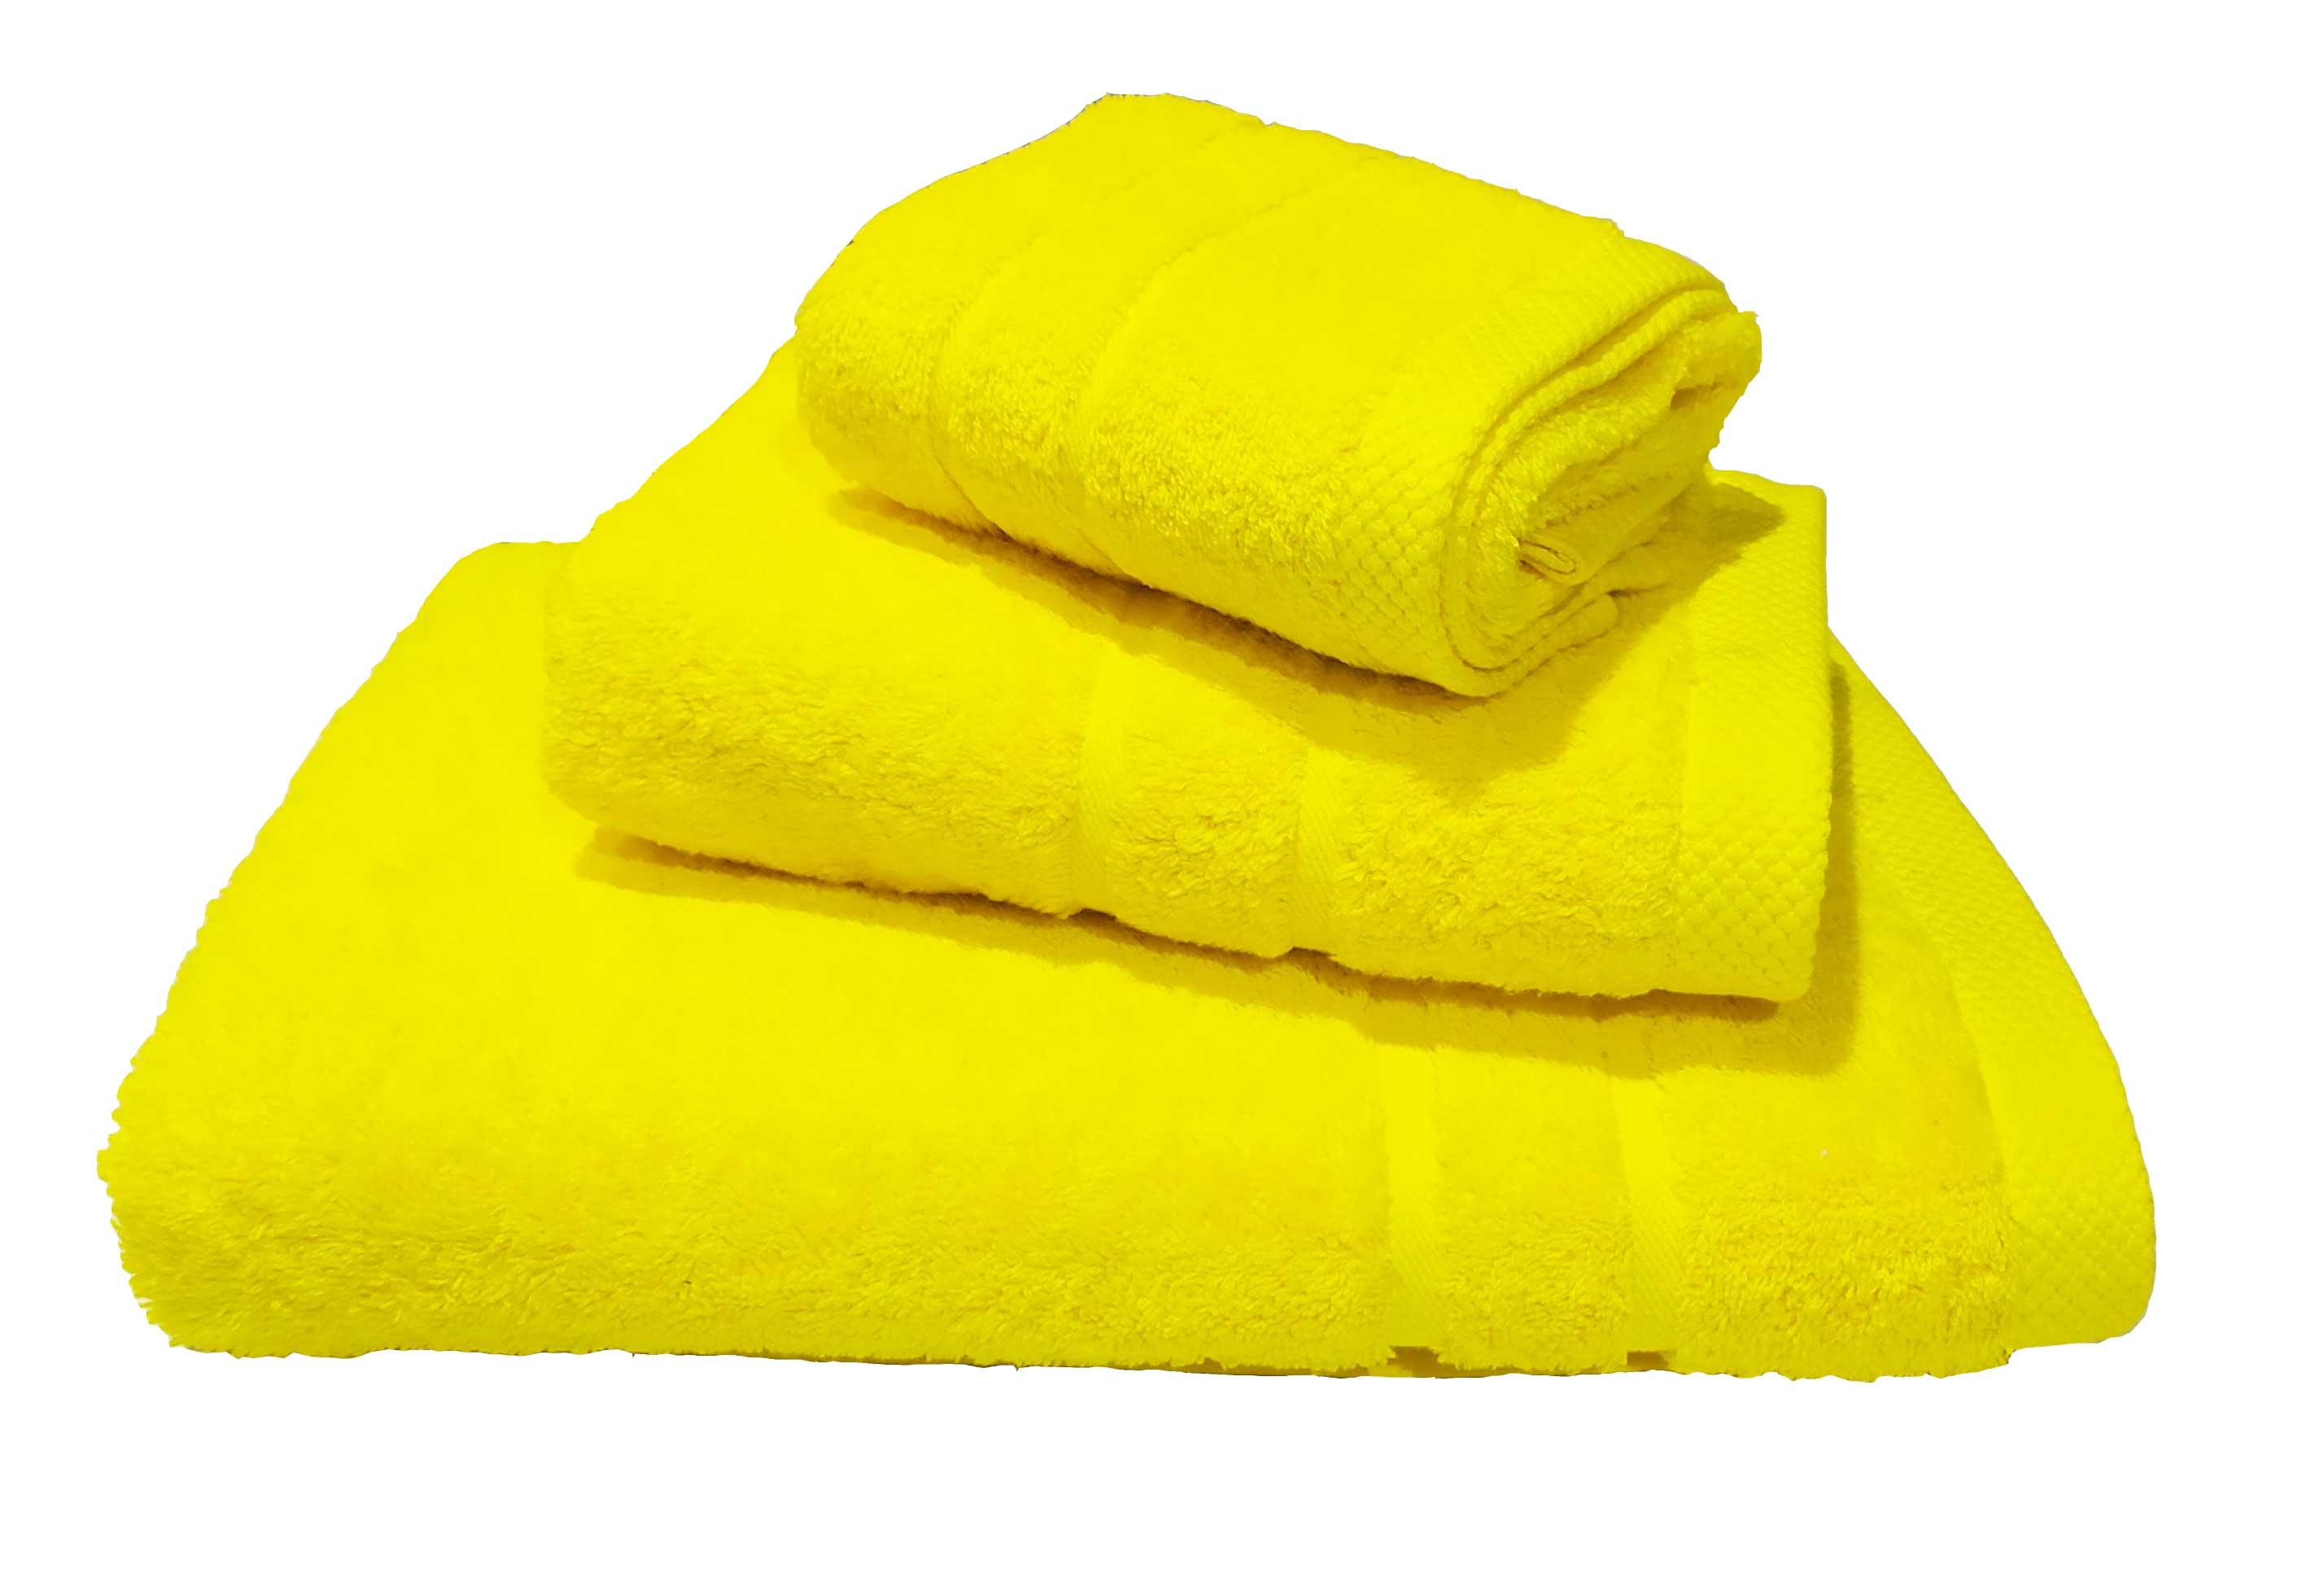 Πετσέτα Le Blanc Πεννιέ 600γρ/μ² Yellow Μπάνιου 80Χ145 - 1528-3